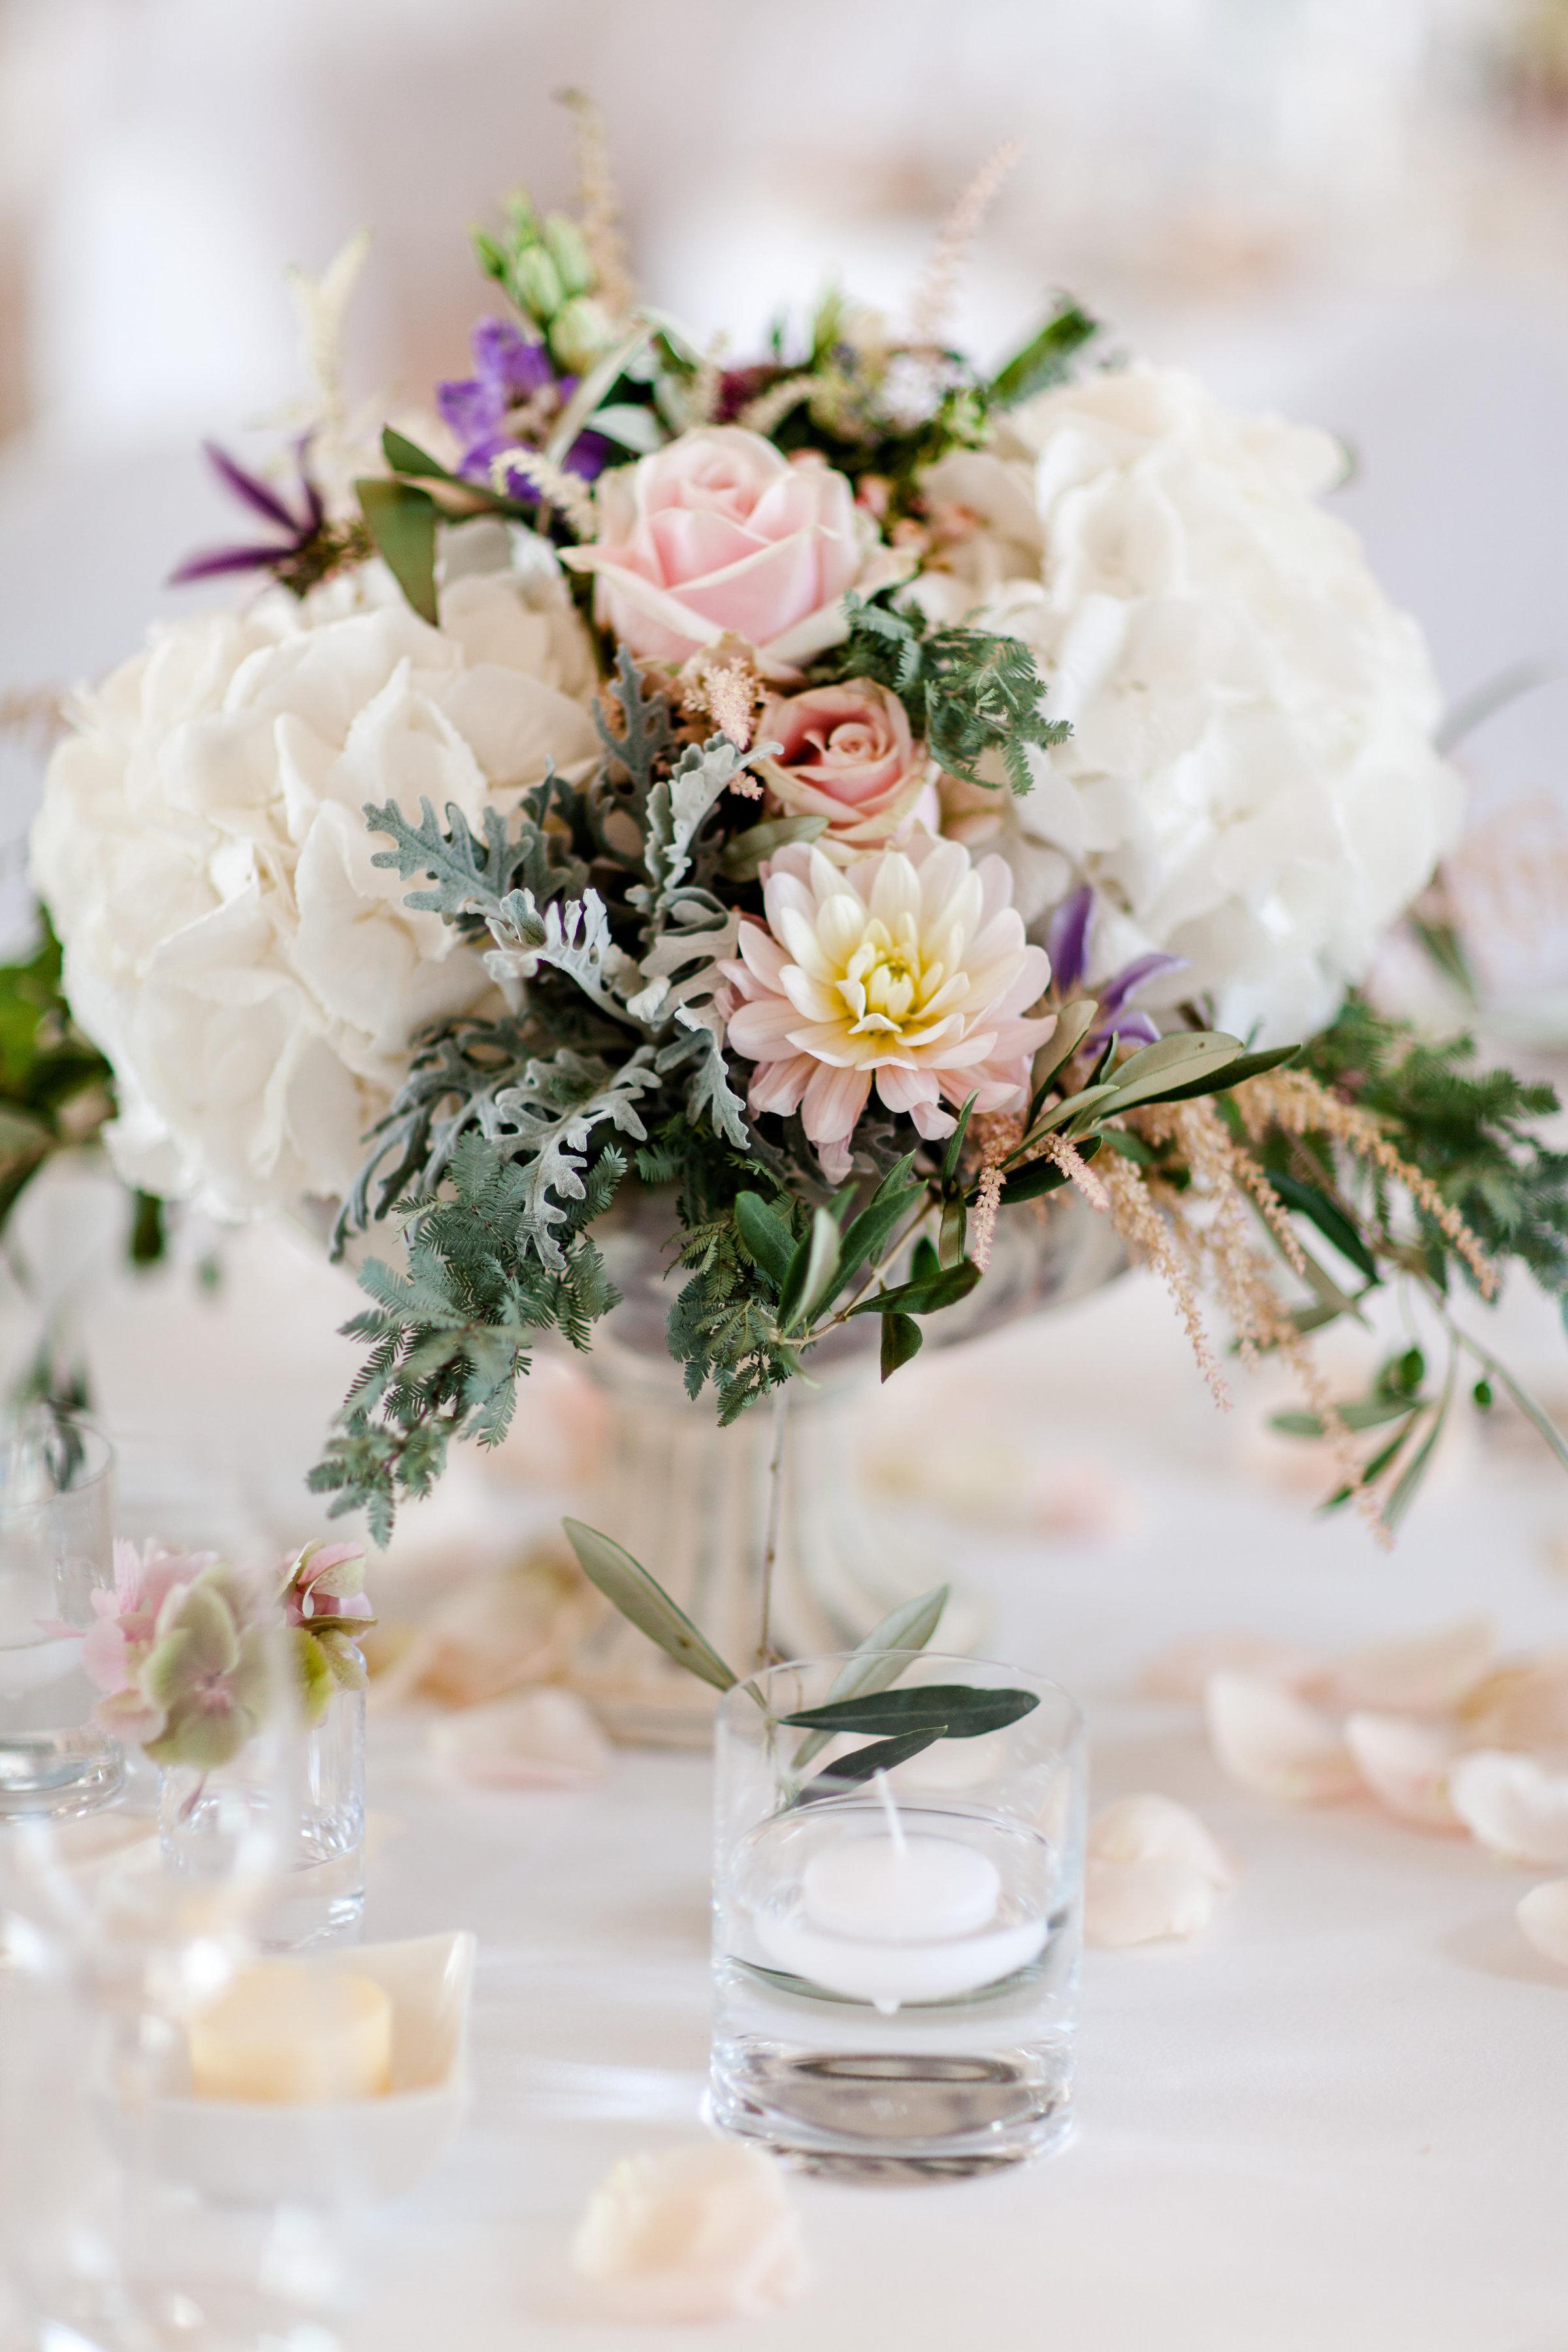 Hochzeitsfloristik Gesteck aus verschiedenen frischen Farben wie rosa violett weiss und geld mit verschiedenen Blumen mit gruenen Blaettern auf Tisch mit Kerze stehend